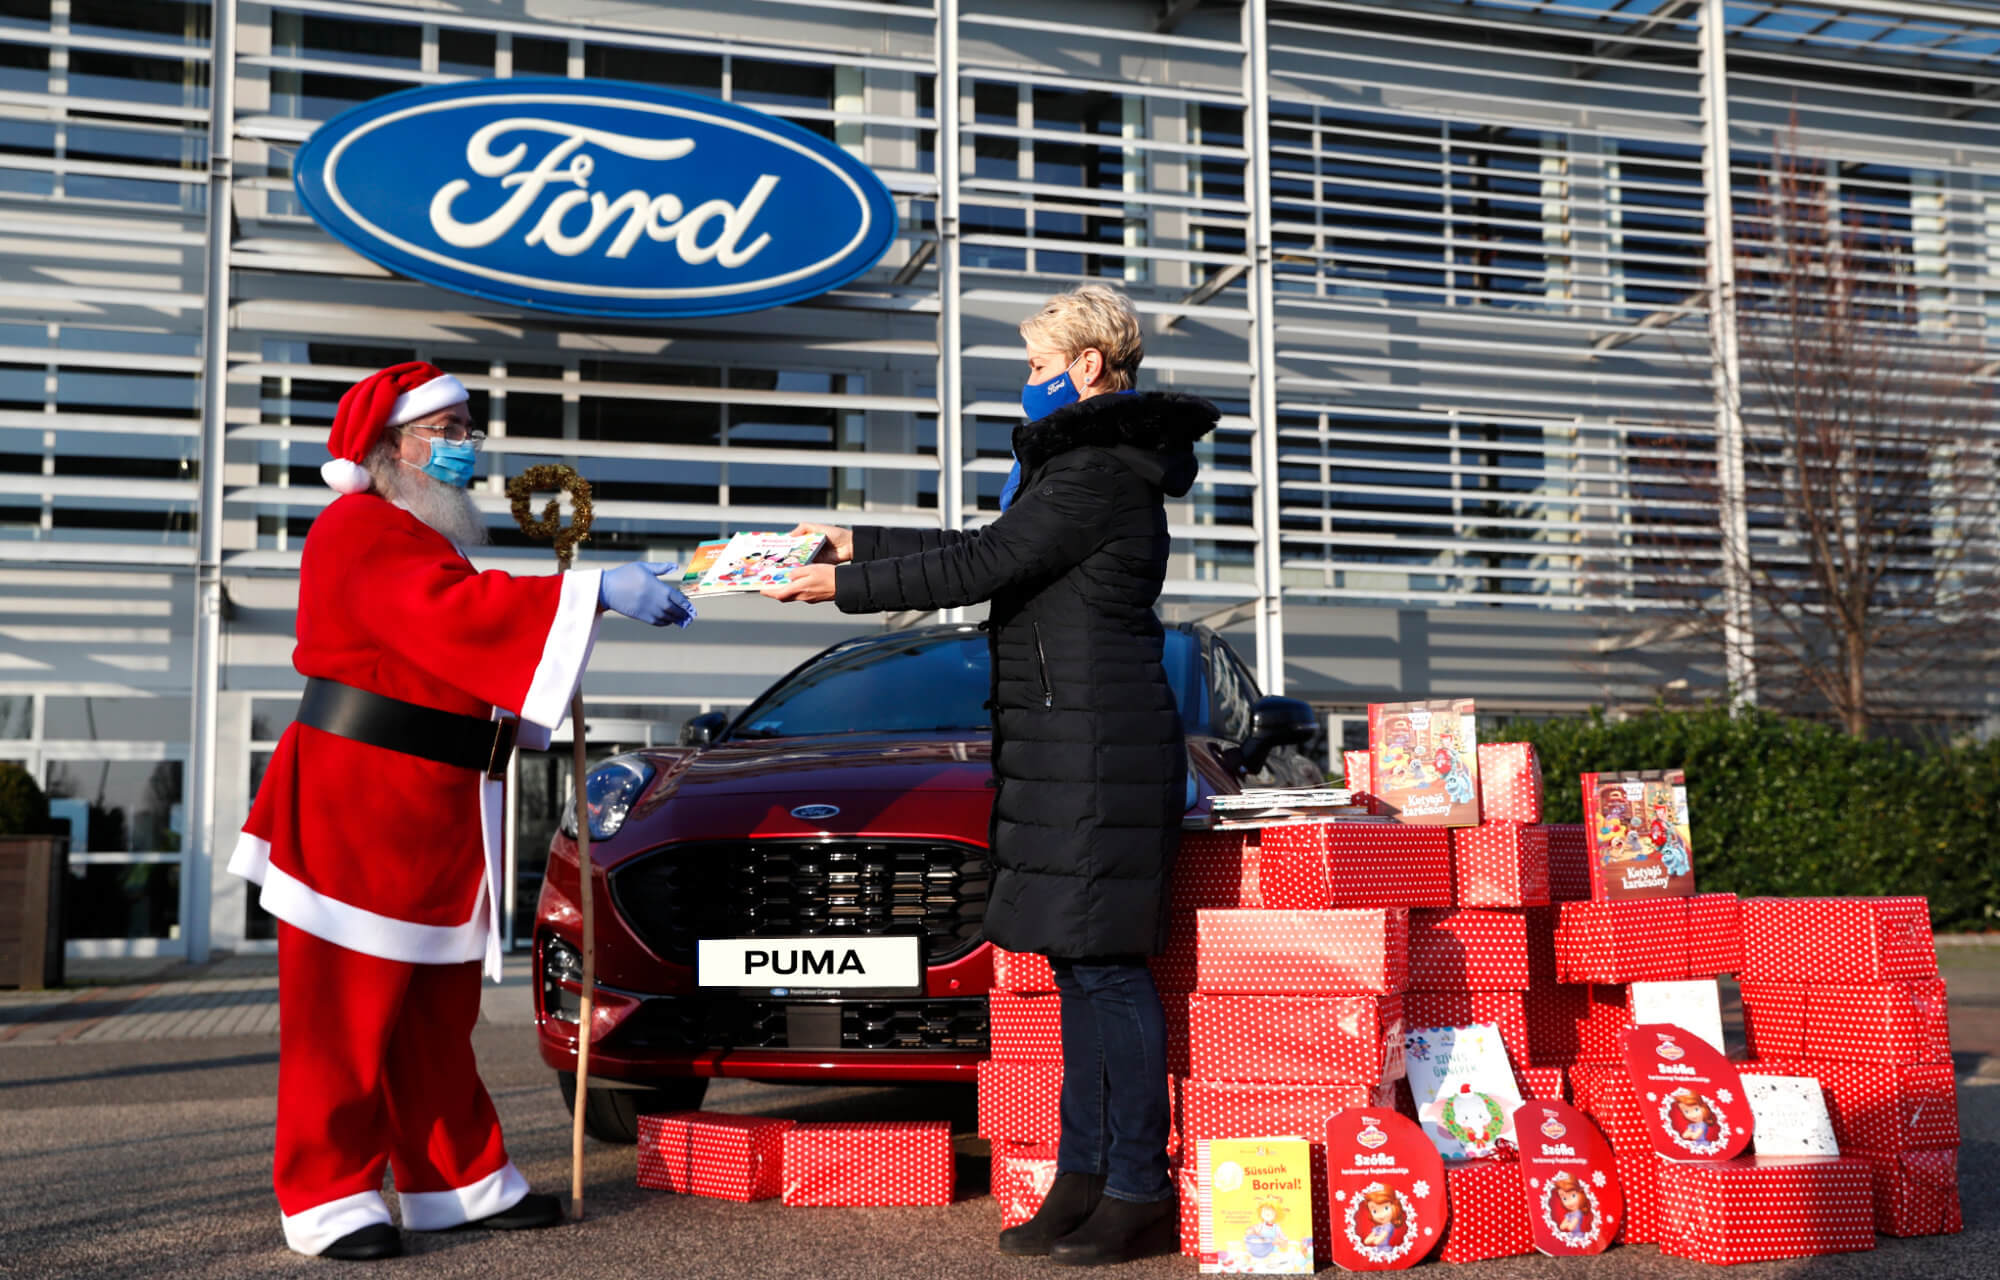 Jótékonykodik a Ford